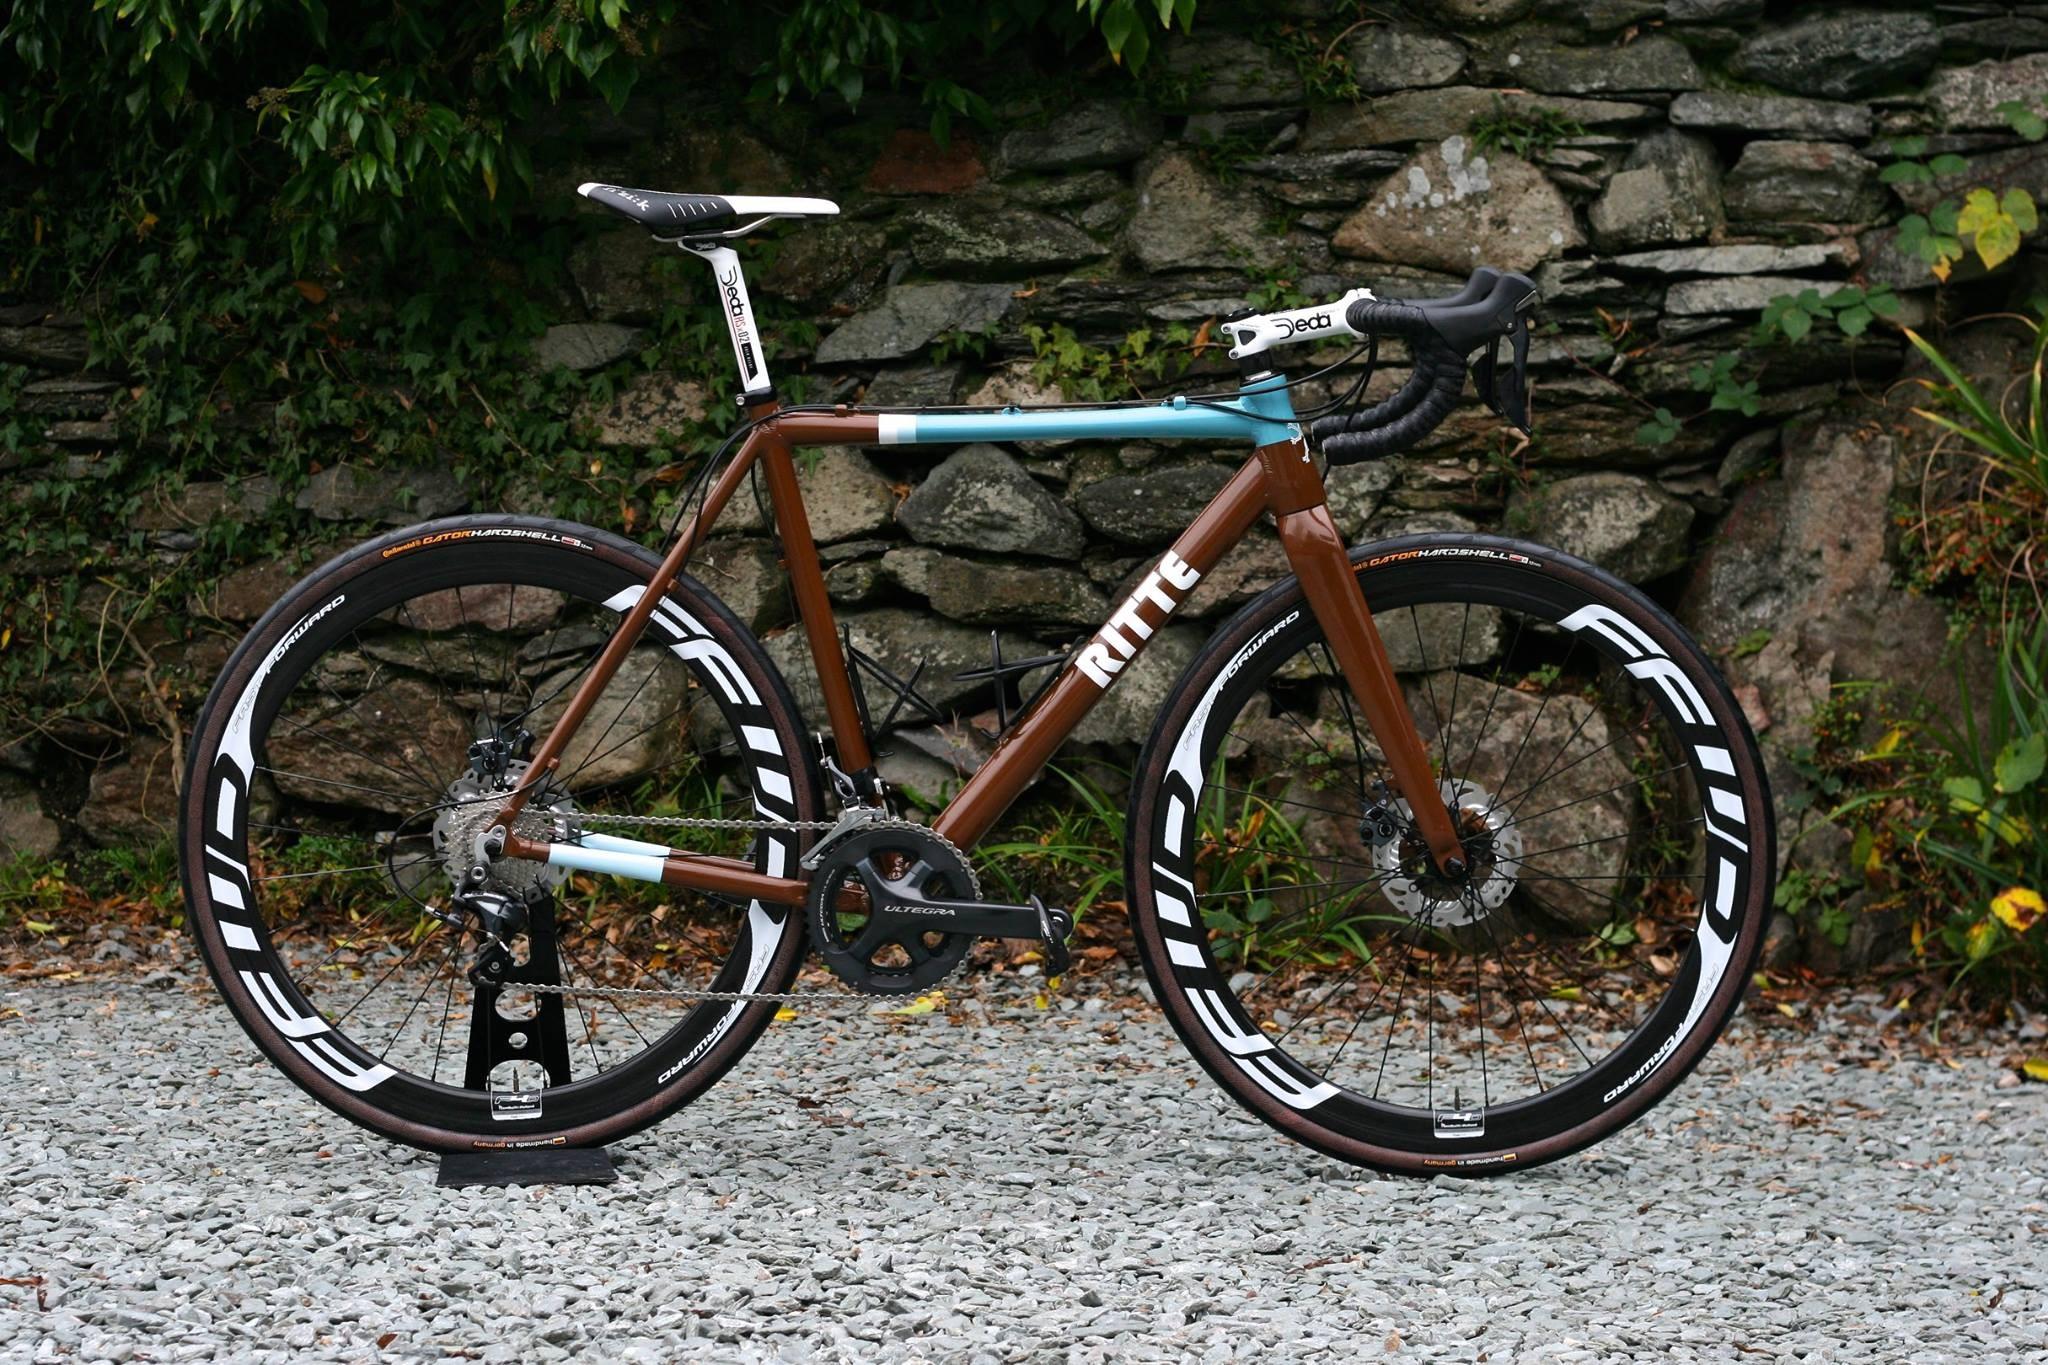 デスクトップ壁紙 車輪 カーボンファイバー ホイール 自転車レース スポーツ用品 陸上車両 道路自転車 道路サイクリング レーシング バイク マウンテンバイク ロードバイクレース クロスクロス自転車 ハイブリッド自転車 自転車フレーム 48x1365